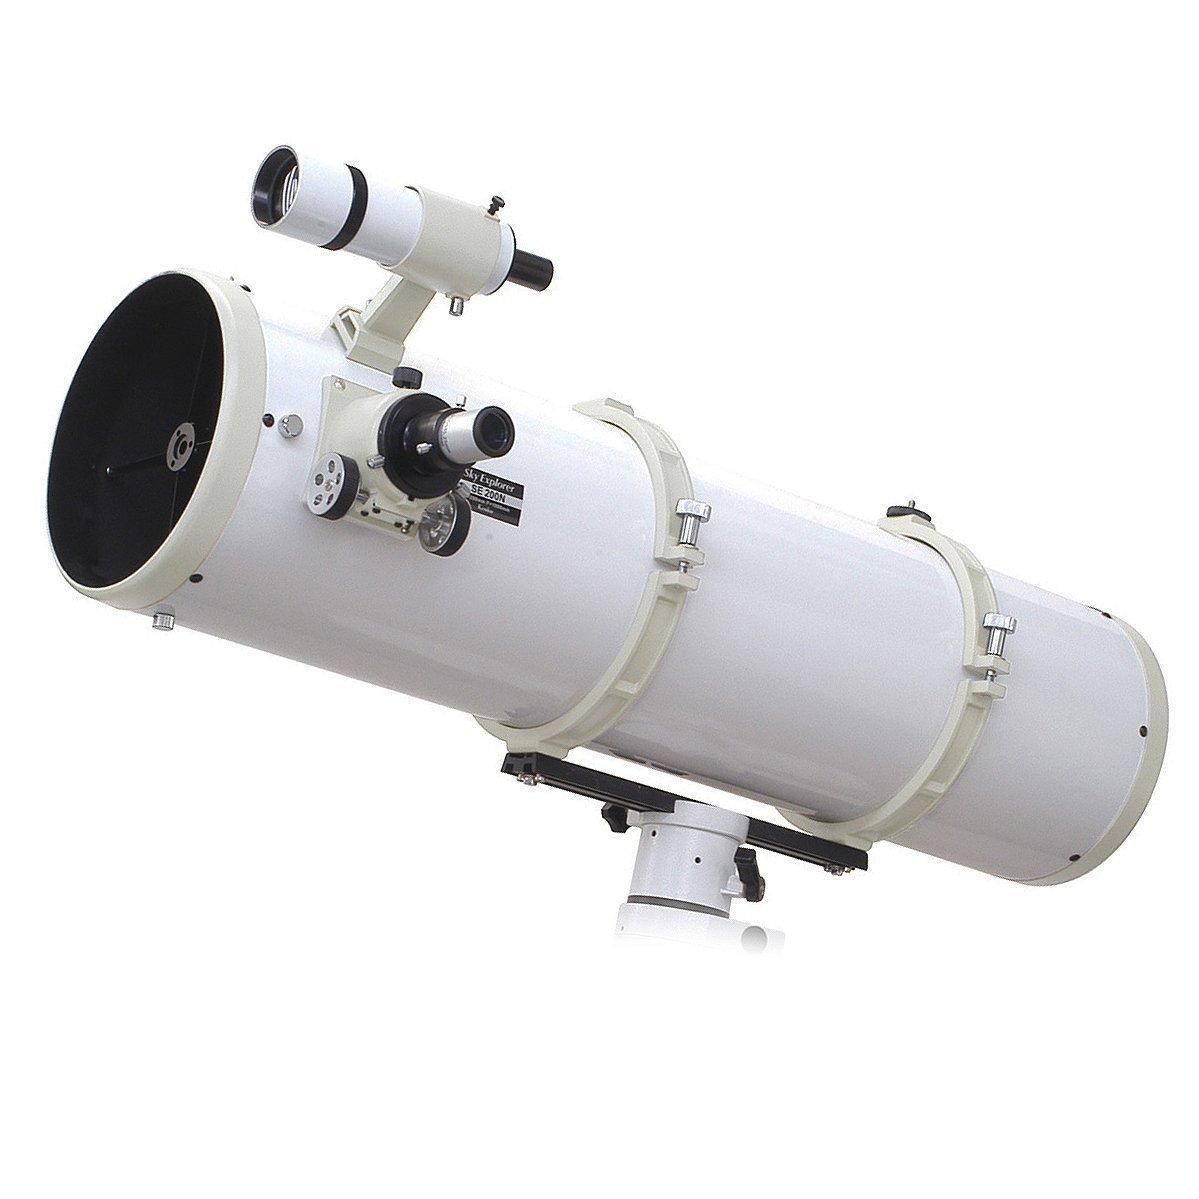 女性におすすめ天体望遠鏡/Kenko NEW Sky Explorer SE200N CR 鏡筒のみ